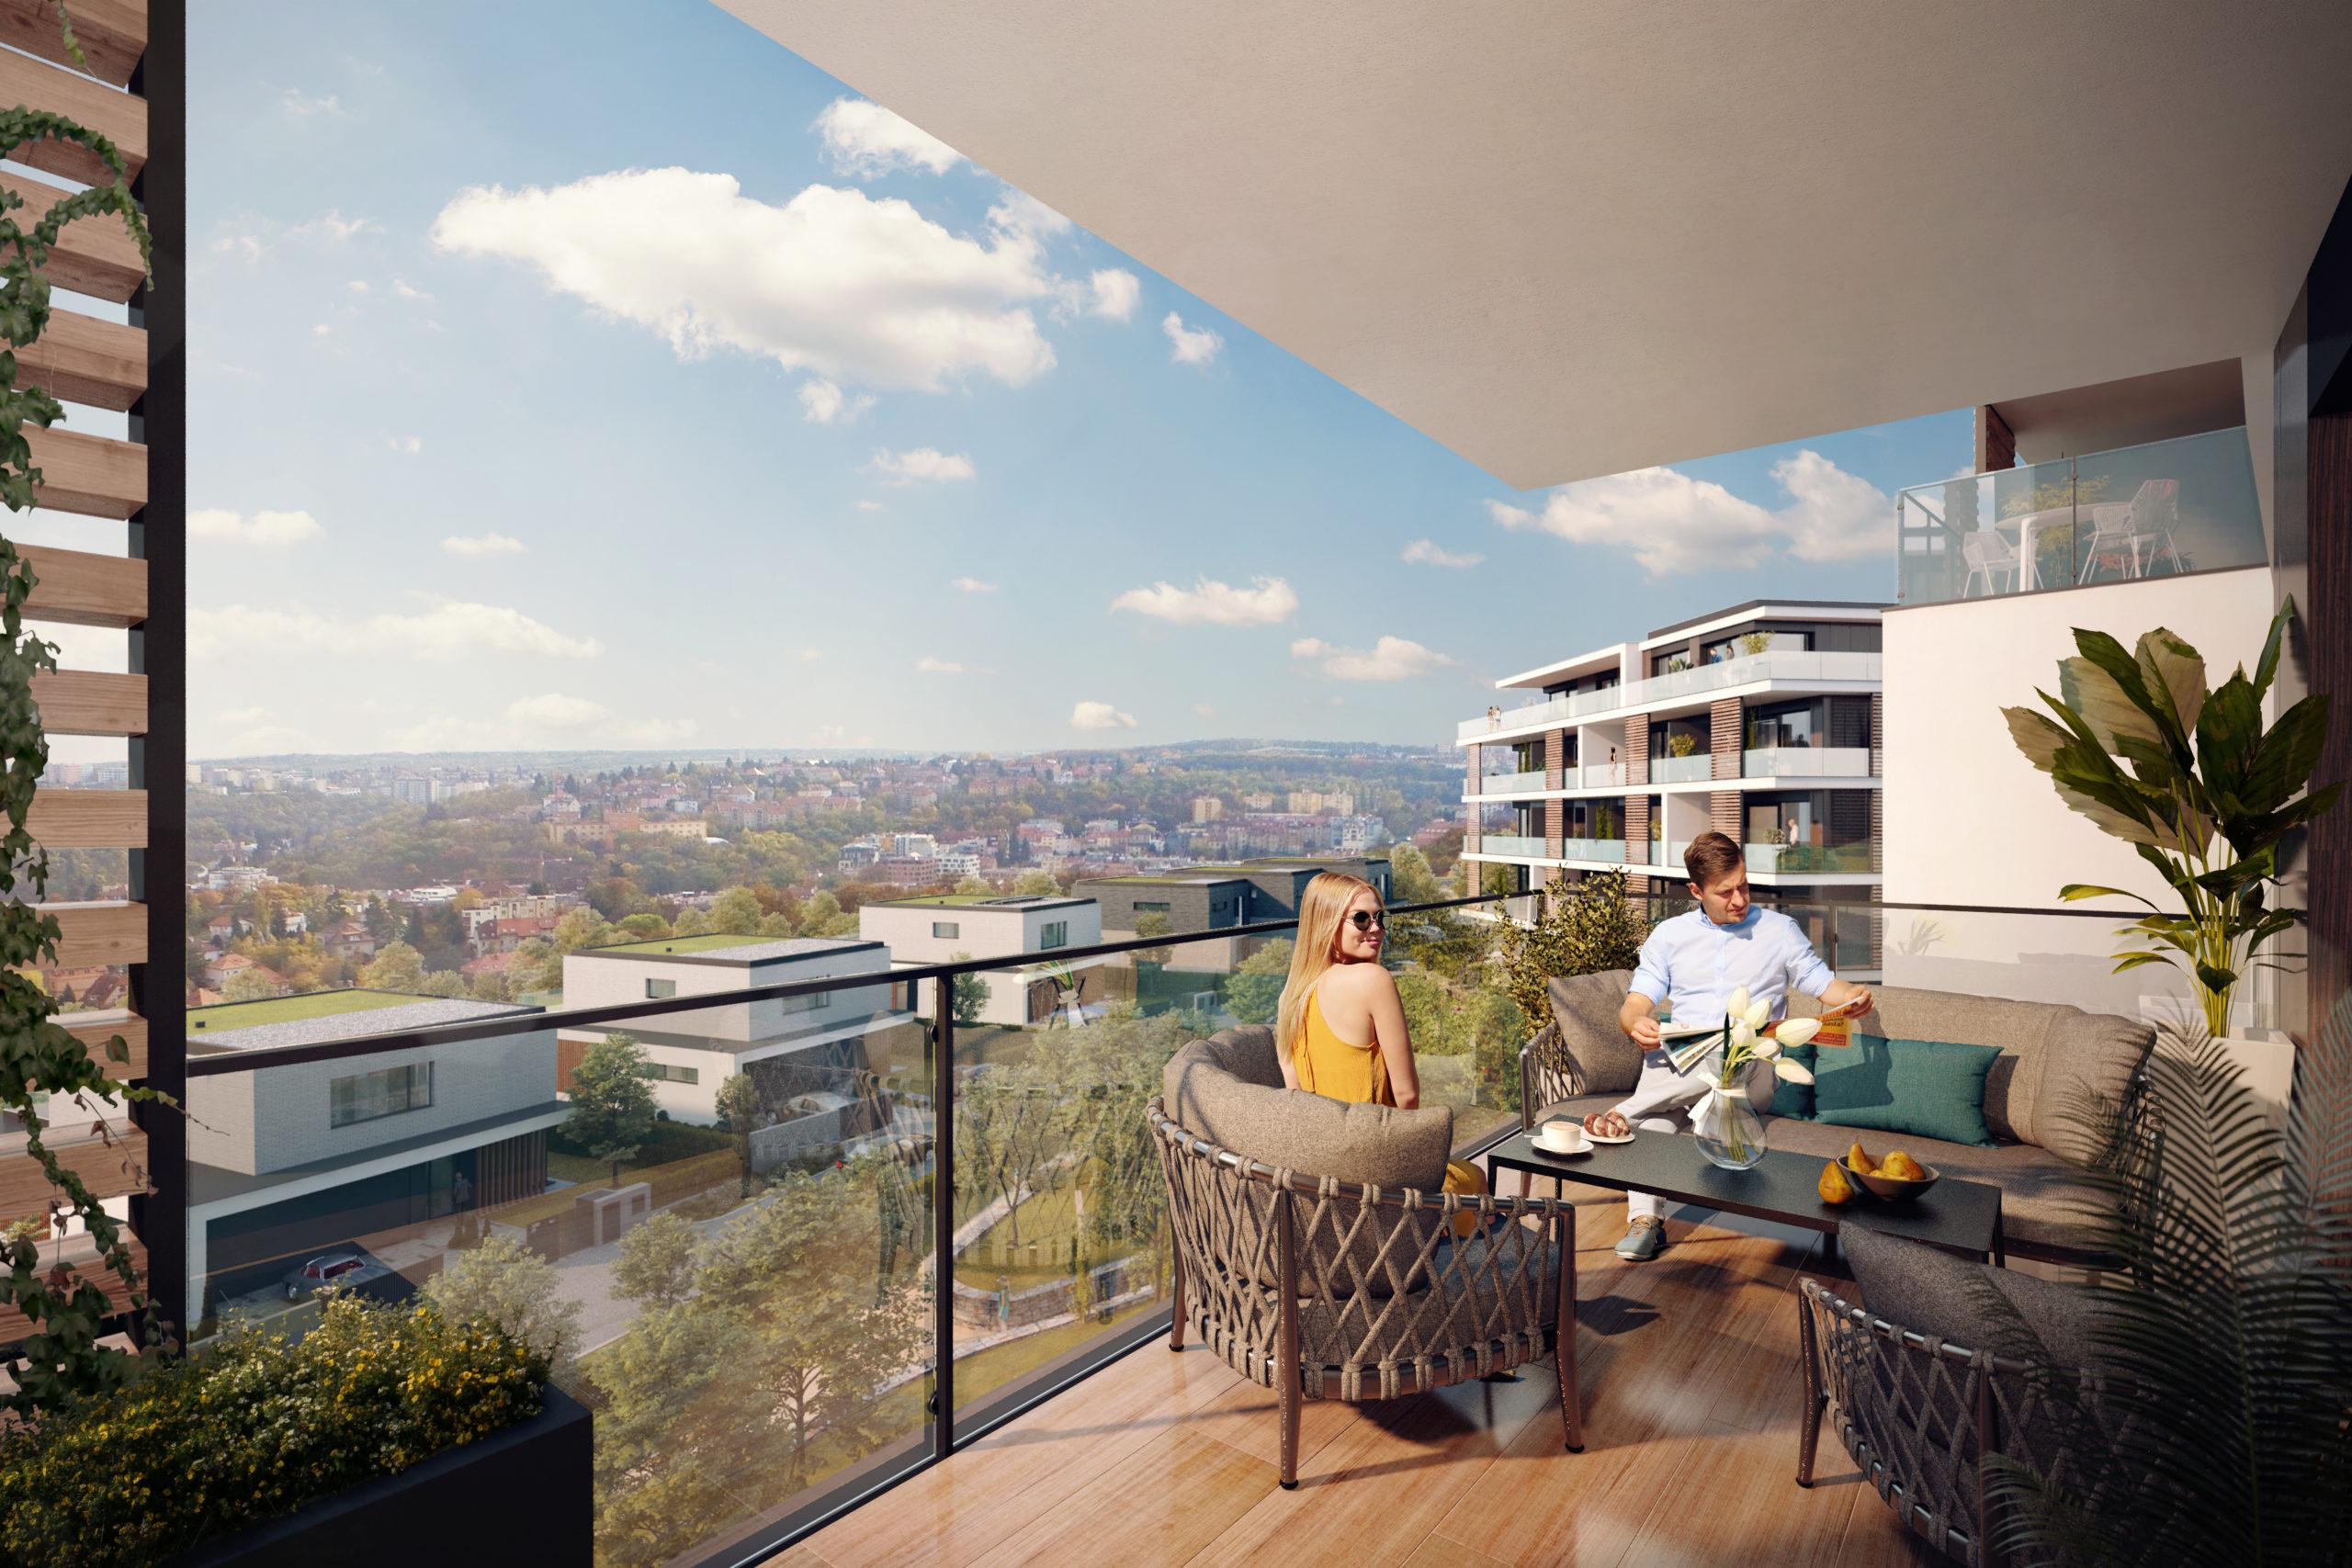 Panoramatický výhled z balkonu jednoho z bytů